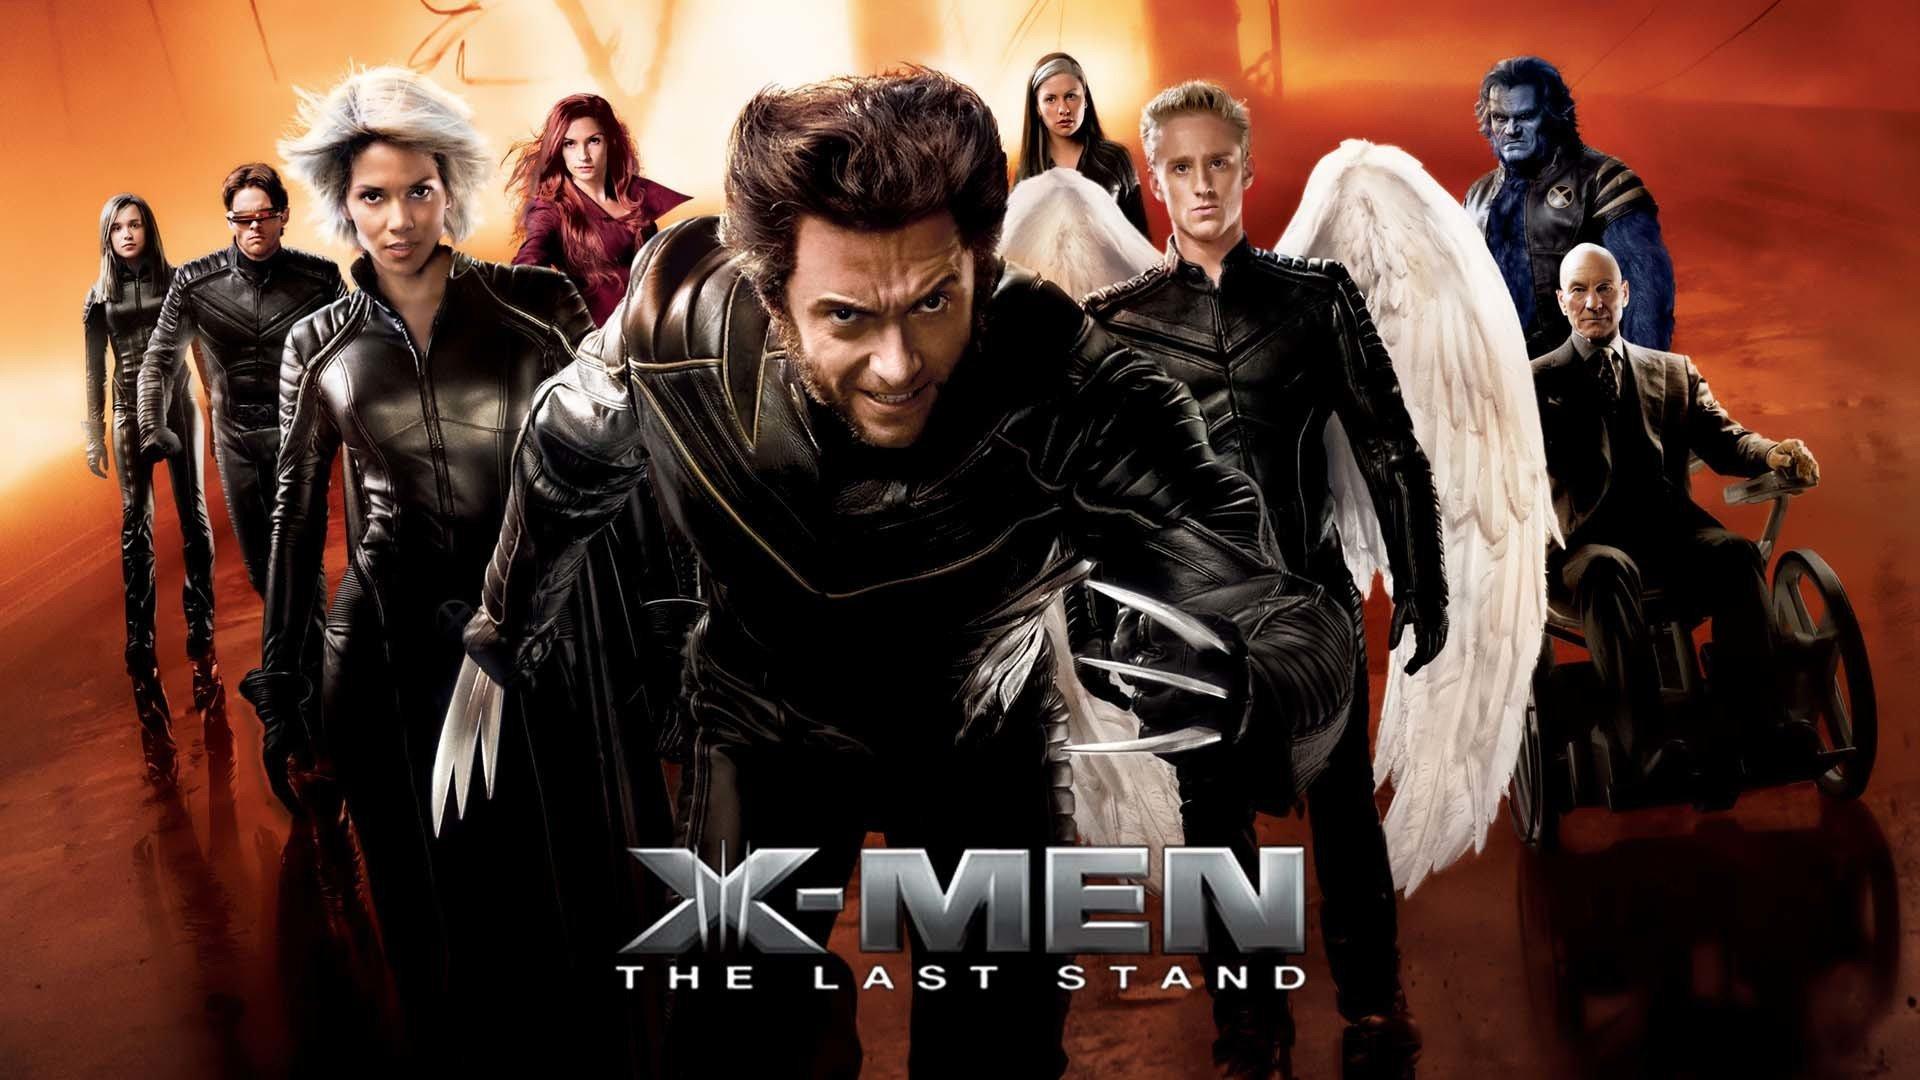 X-MEN 3 The Last Stand รวมพลังประจัญบาน (2006)